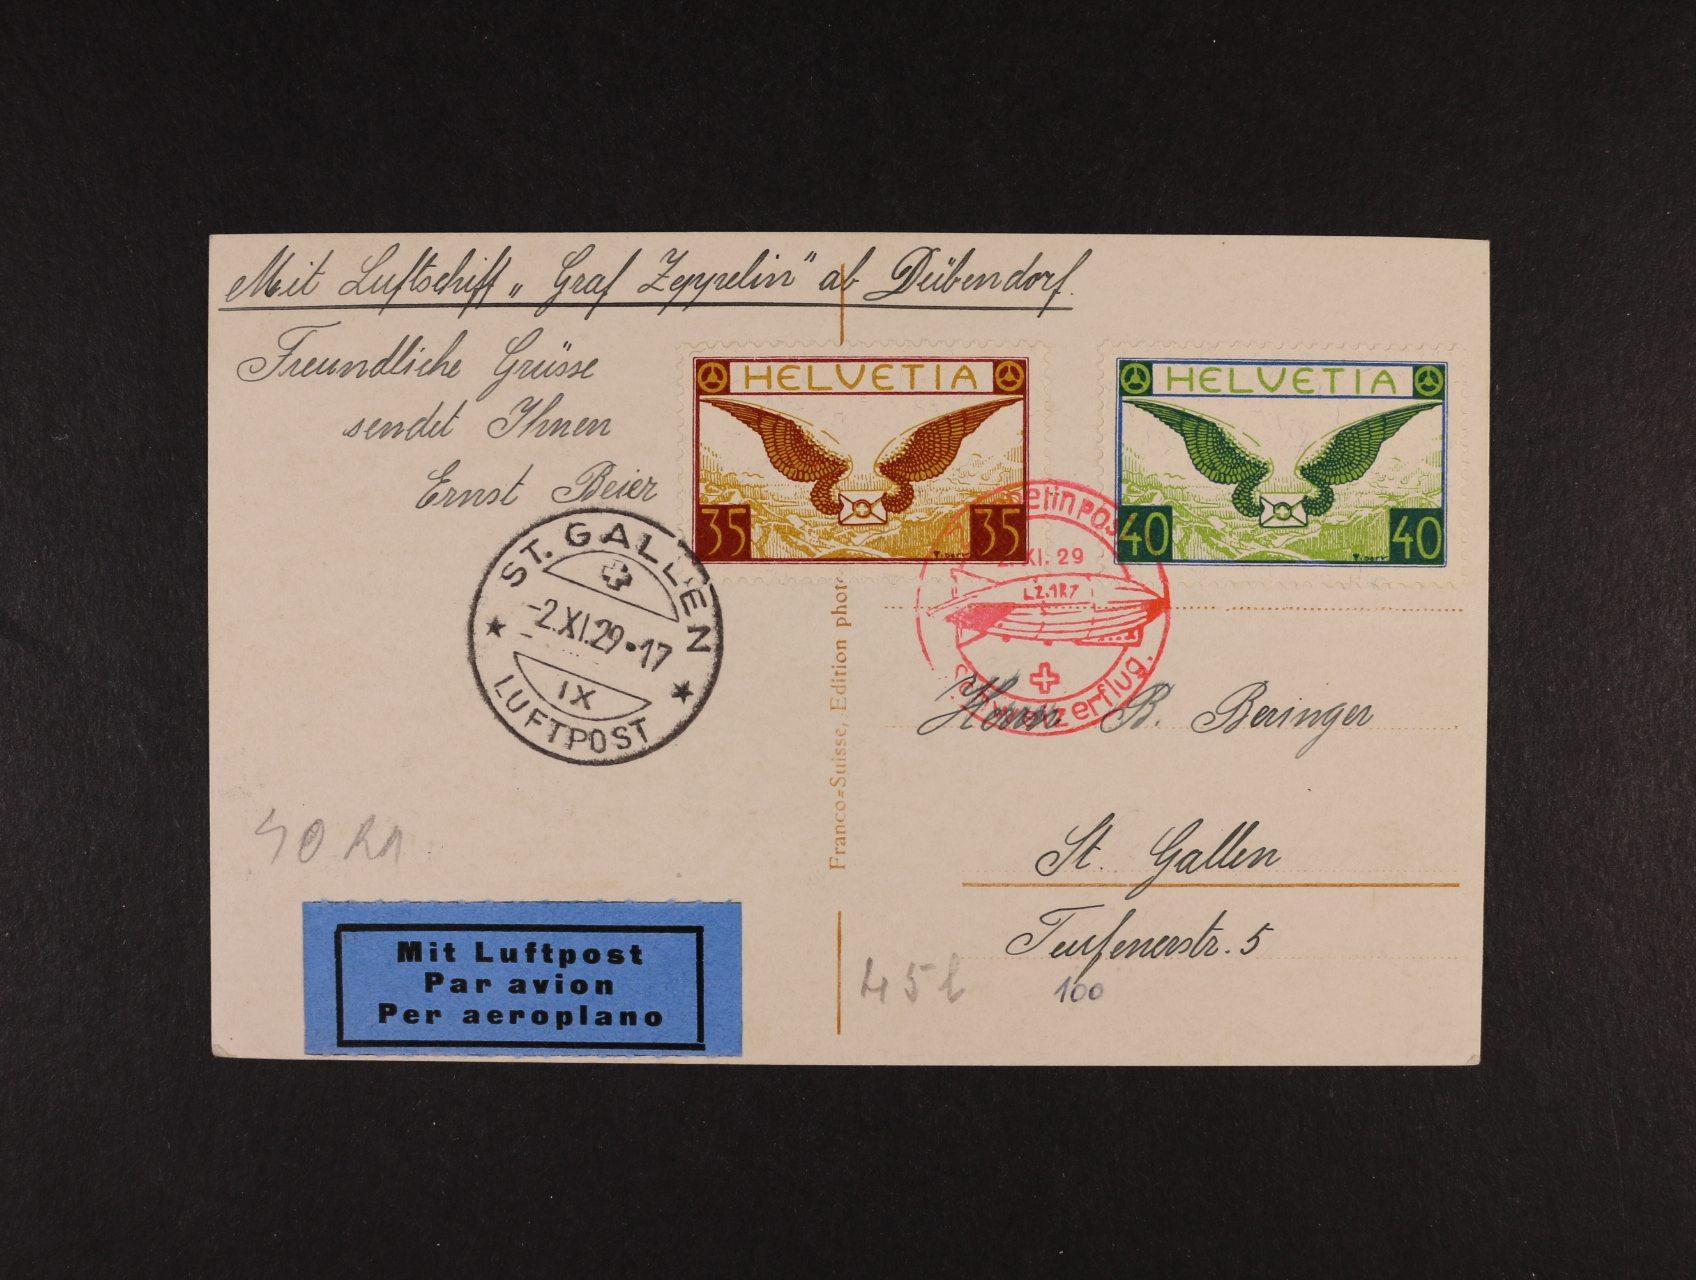 Švýcarsko - jednobar. fotopohlednice B 841 Luftschiff Graf Zeppelin frank. zn. Mi. č. 233 - 4, červené pod. raz. ZEPPELINPOST SCHWEIZERFLUG 2.11.29 + přích. raz., lux. kvalita, zajímavé